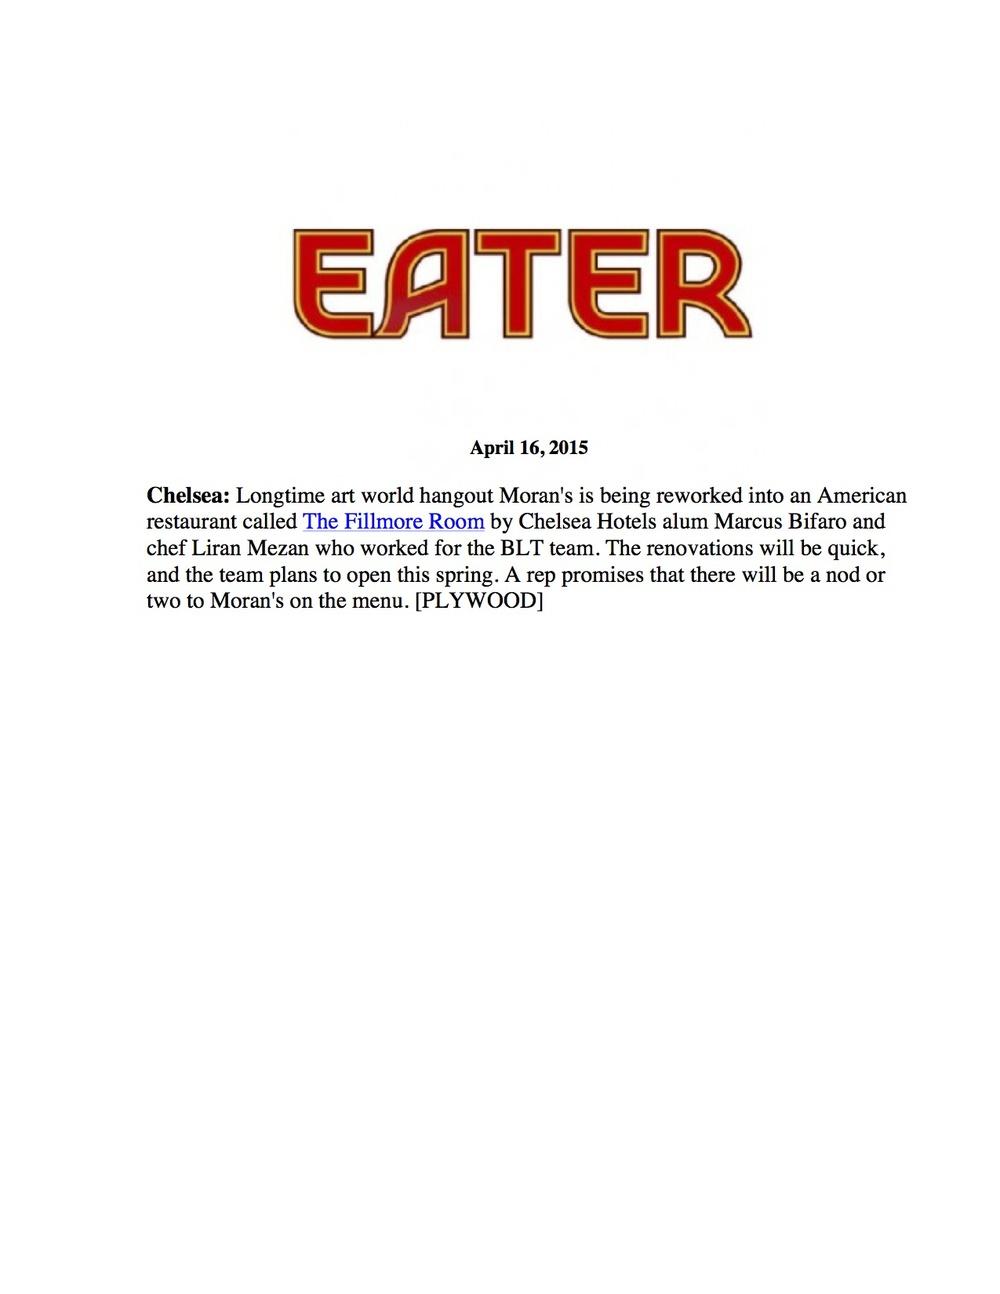 TFR - Eater - 4.16.15.jpg